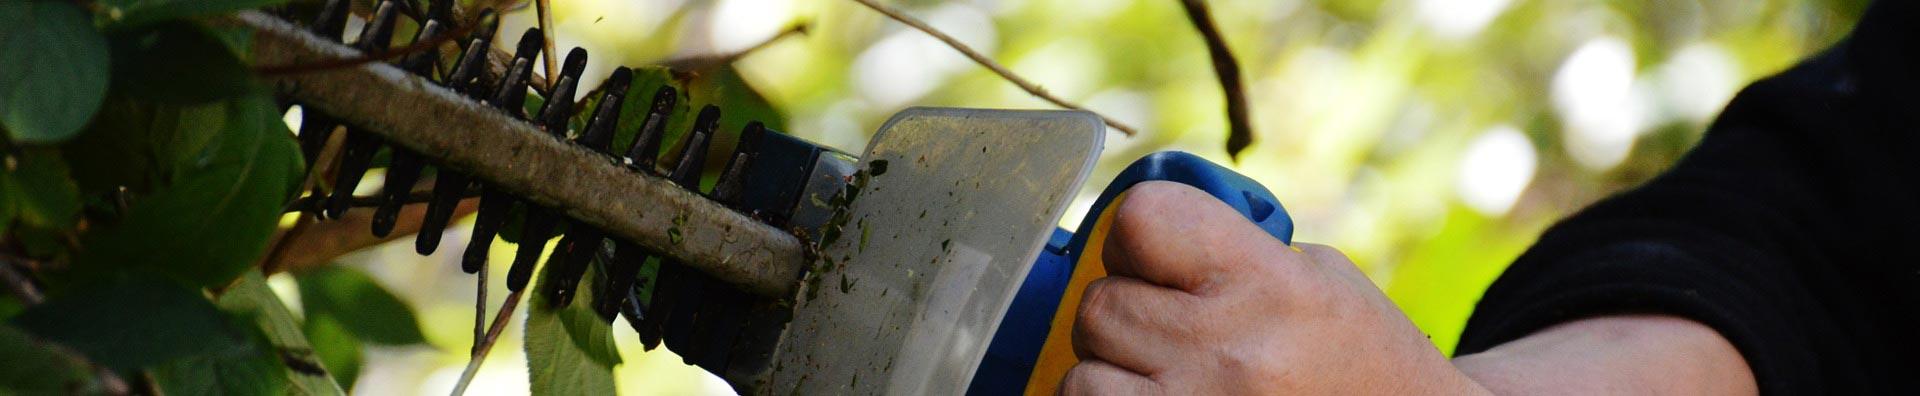 Antraygue st phane vous conseille pour l 39 entretien for Conseil entretien jardin